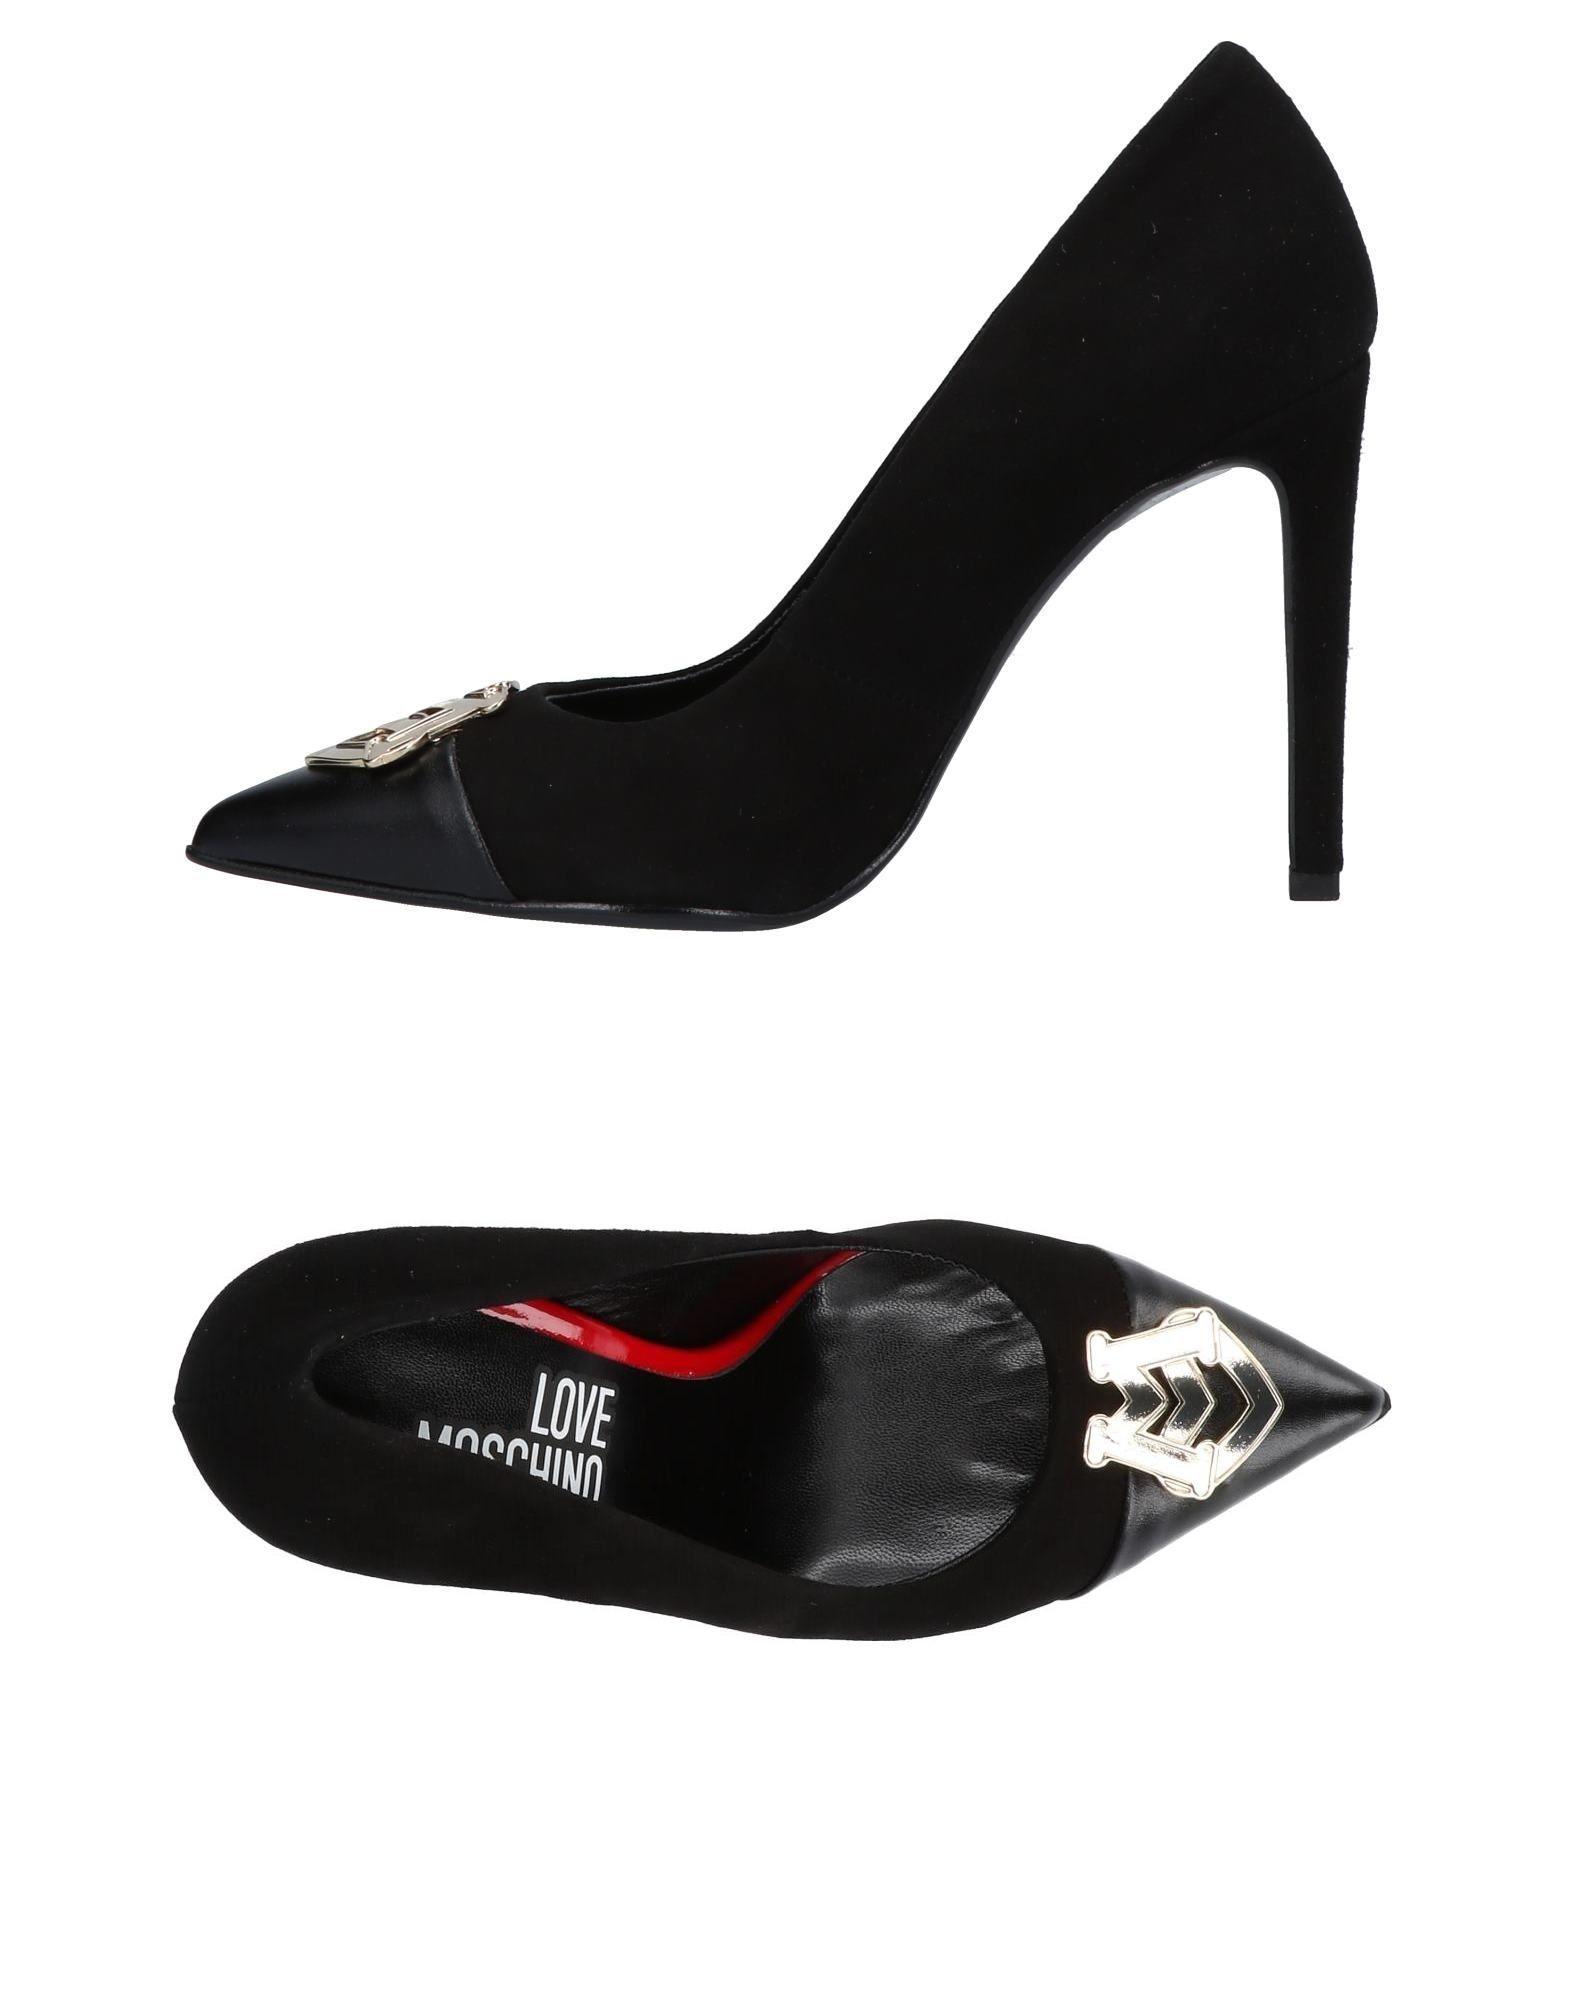 Descuento de la marca Zapato De Salón Salón Salón Love Moschino Mujer - Salones Love Moschino  Negro 14e0e4